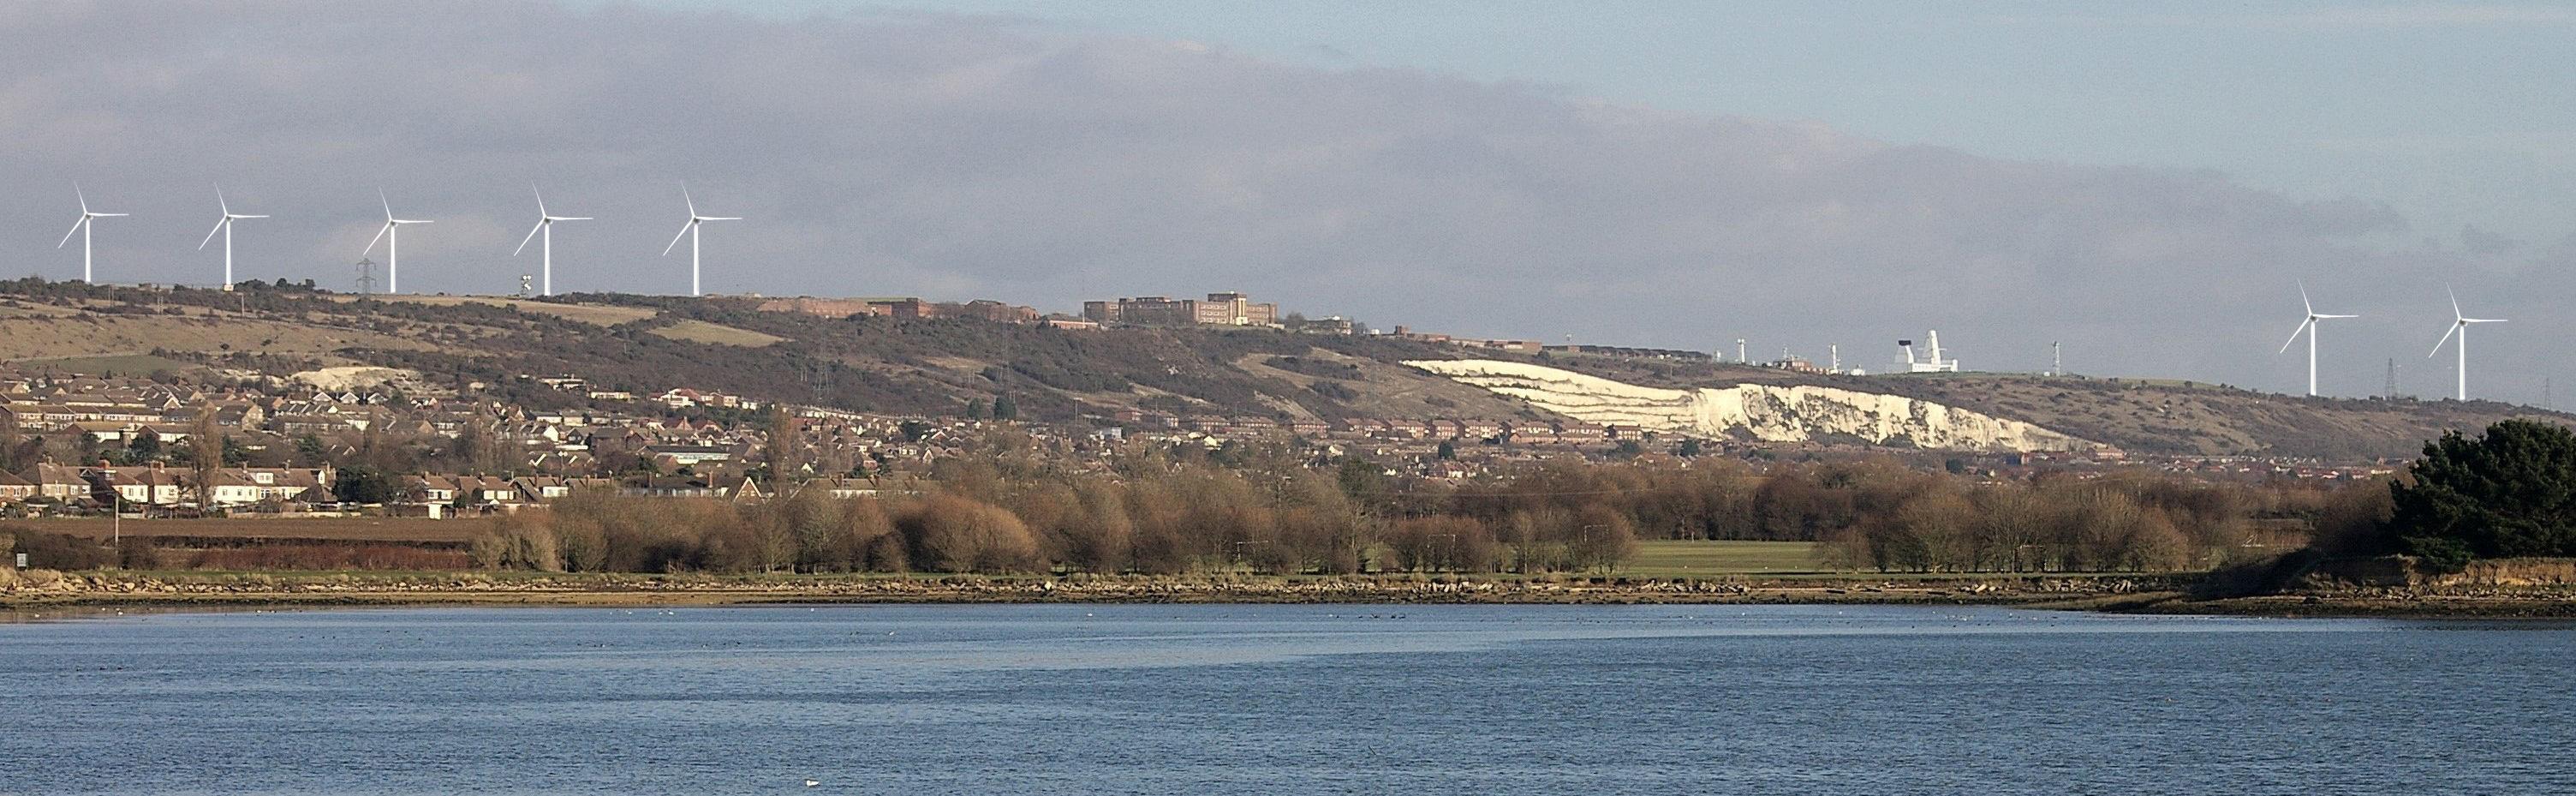 wind-turbines-portsdown-hill-view